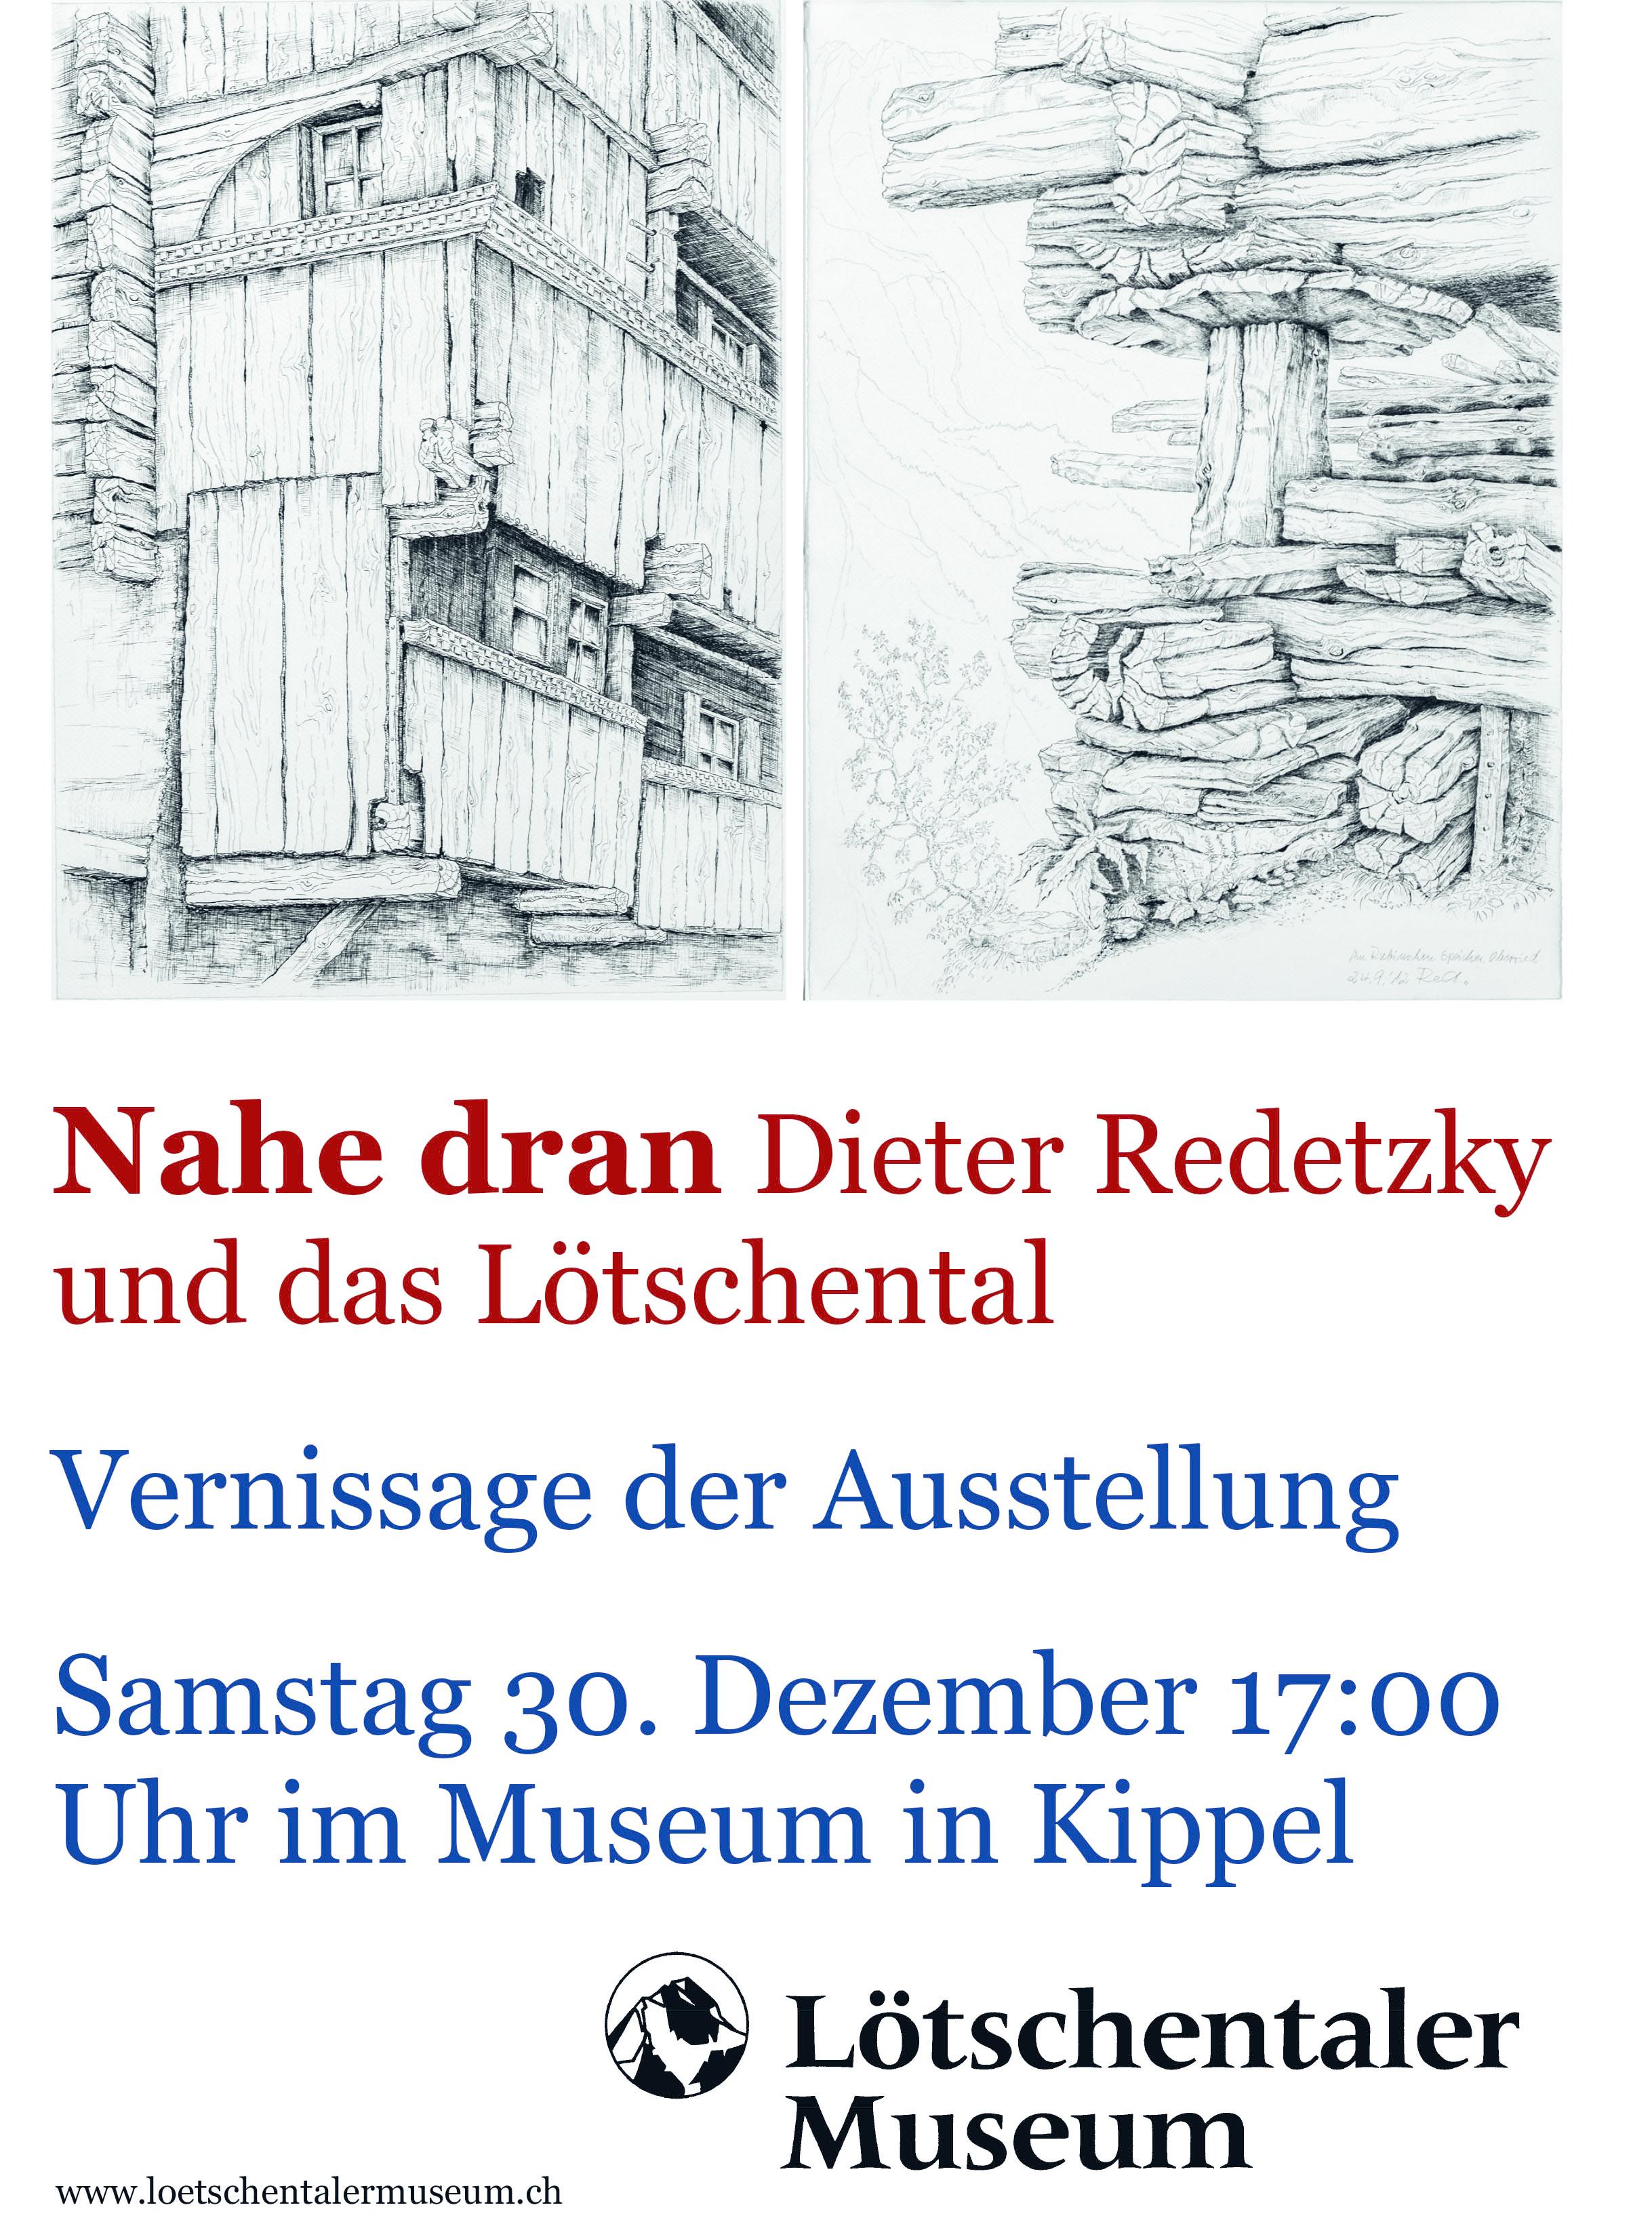 Nahe dran - Dieter Redetzky und das Lötschental